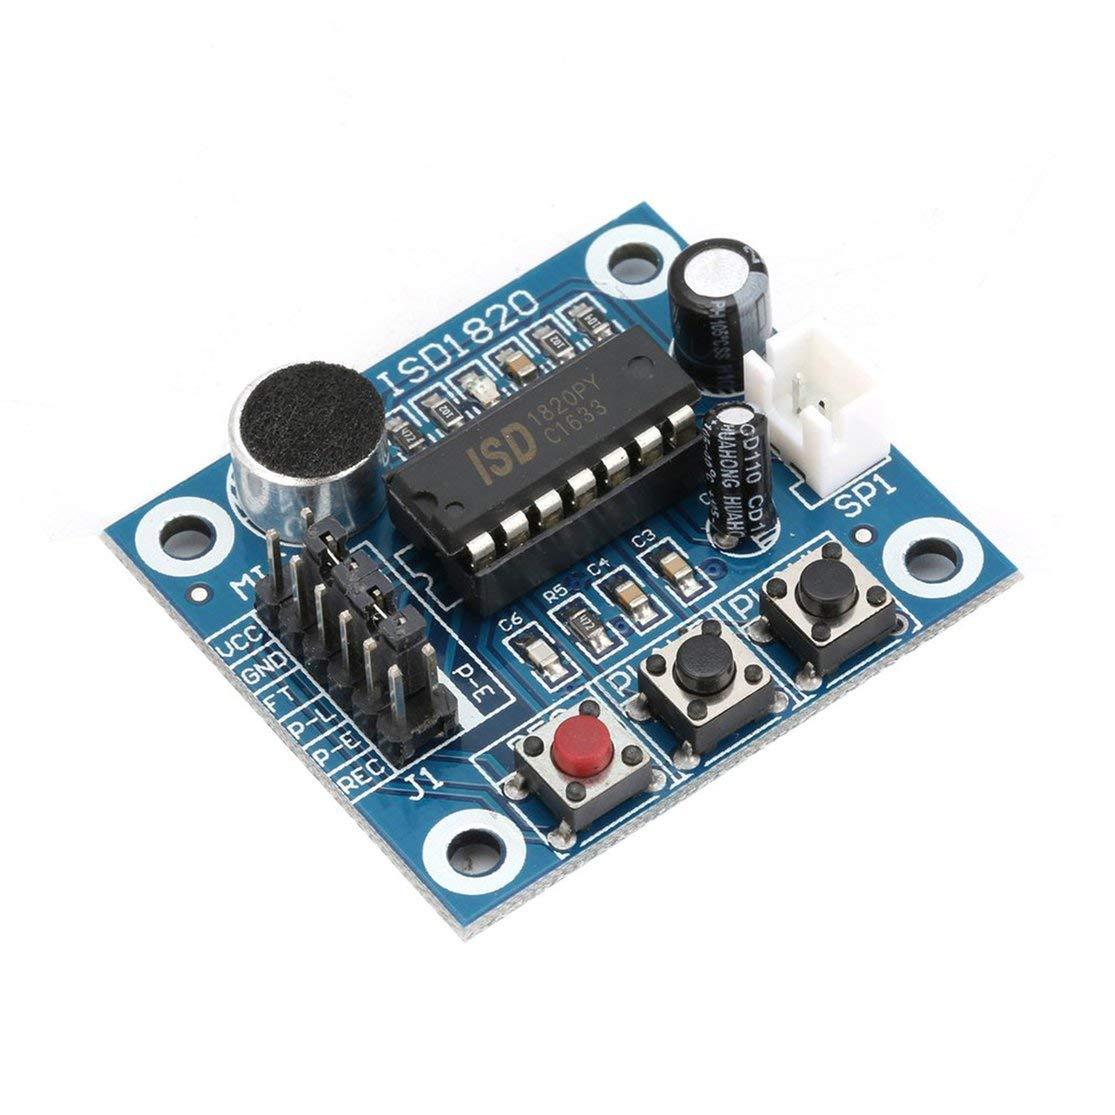 ISD1820 10 s Mikrofon Voice Sound Playback Board Aufnahme Recorder Modul Kit Mikrofon Audio Lautsprecher Lautsprecher f/ür Arduino Color:Blue